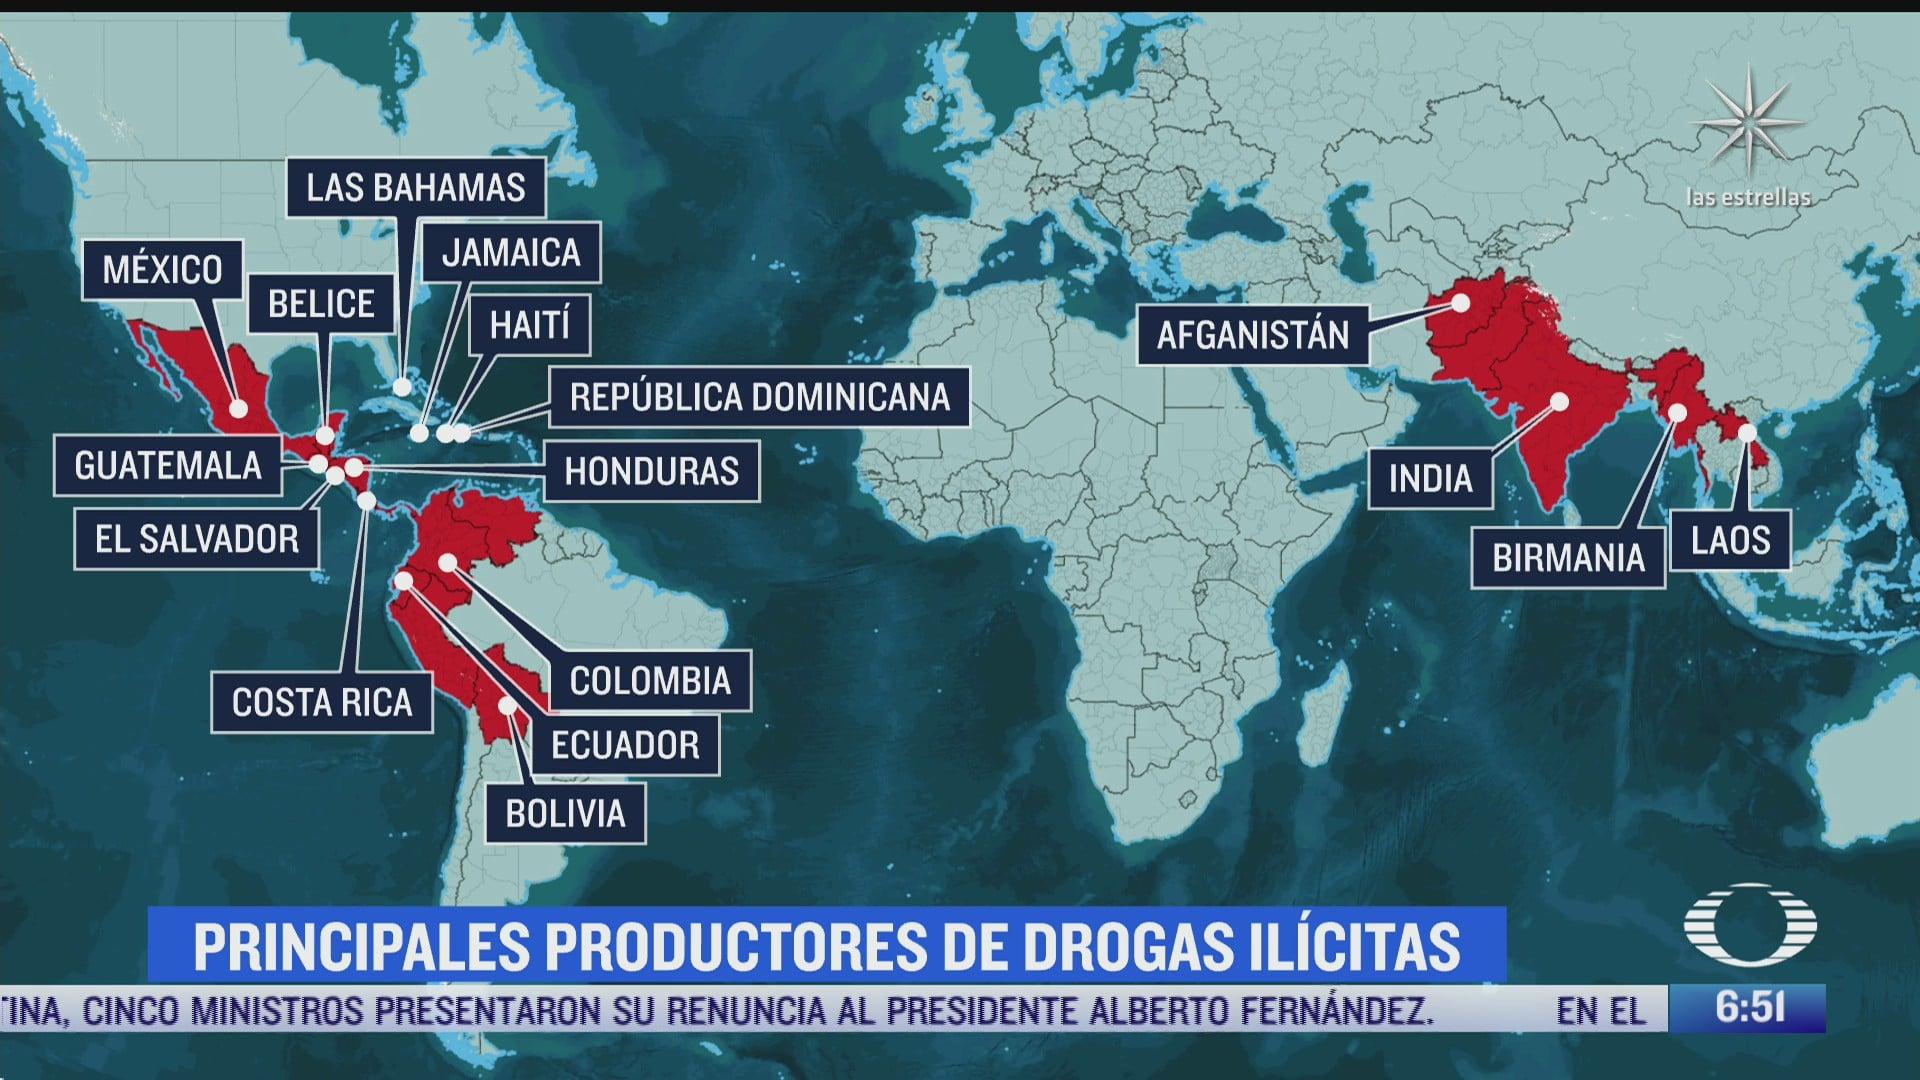 mexico uno de principales productores de drogas ilicitas segun biden